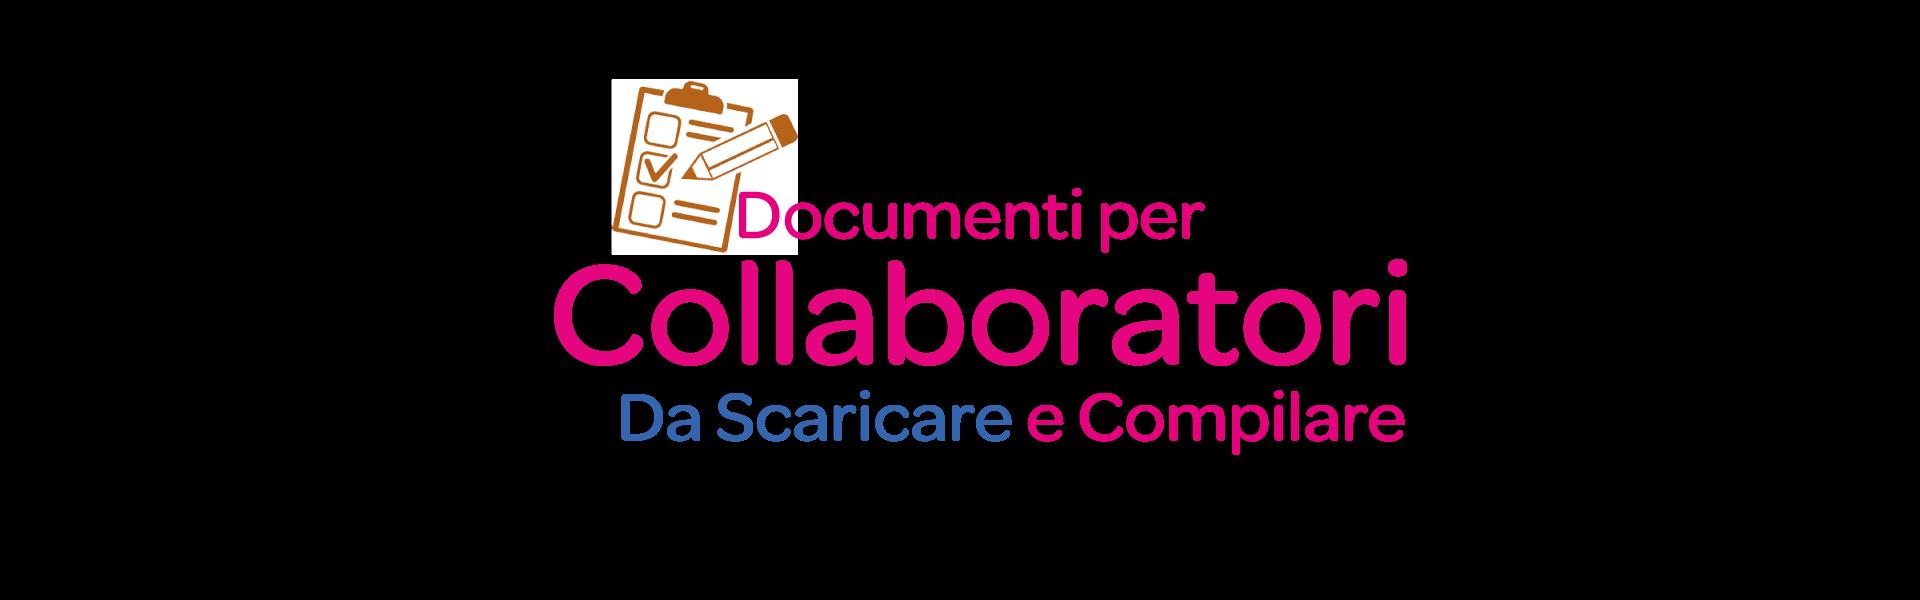 Documenti Per Collaboratori